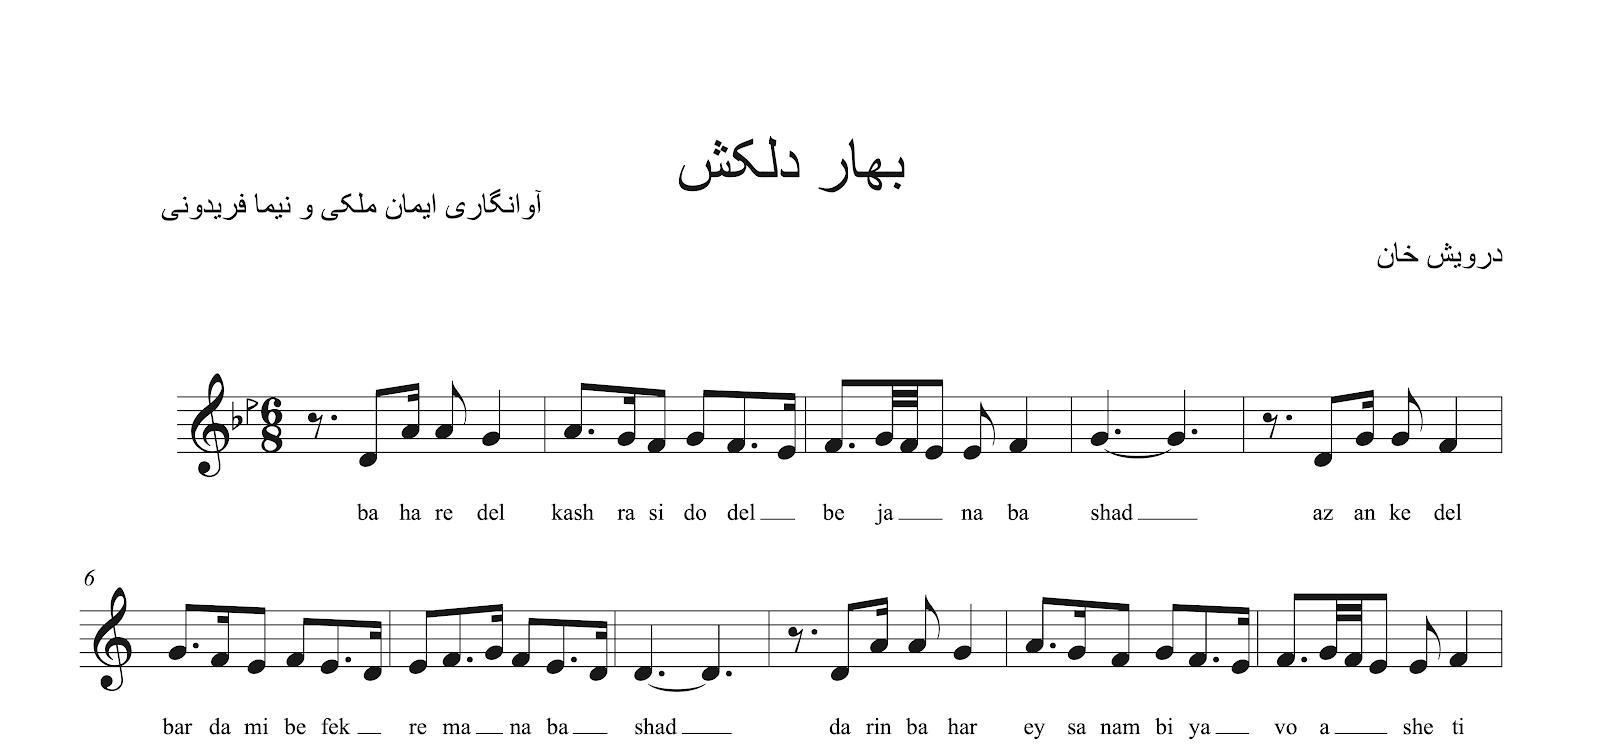 نت بهار دلکش حجاز ابوعطا غلامحسین درویشخان